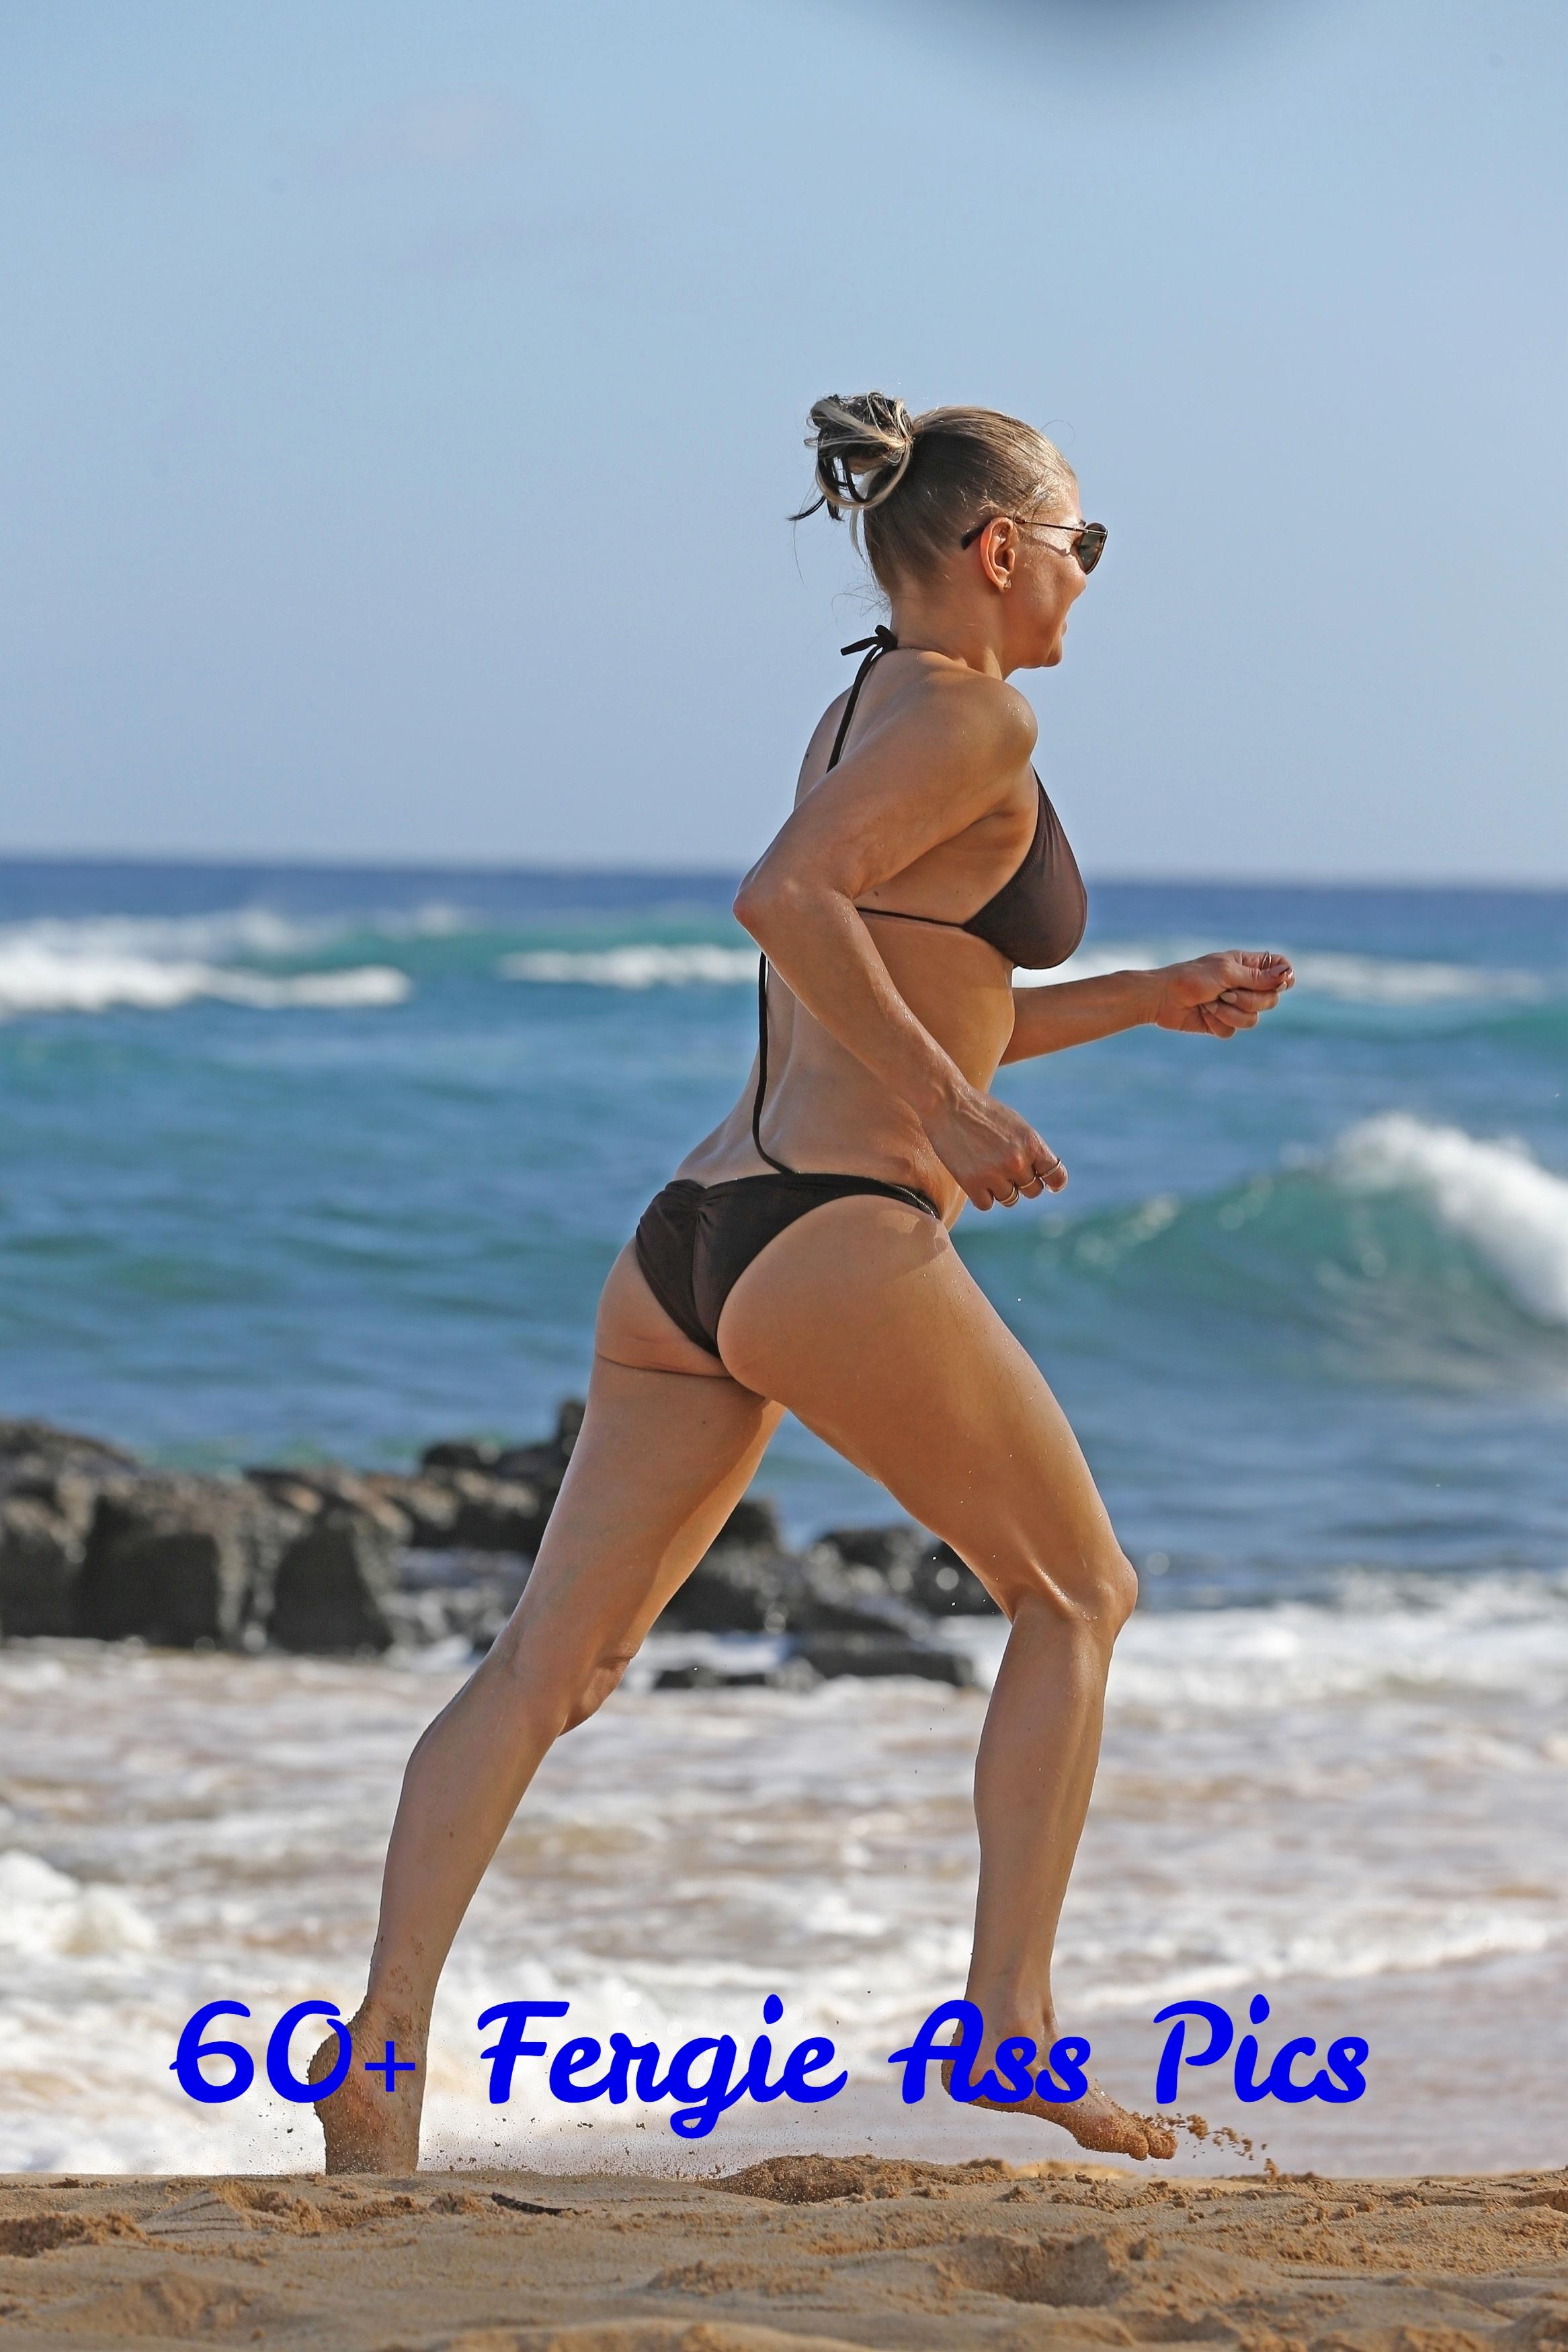 Fergie ass pics